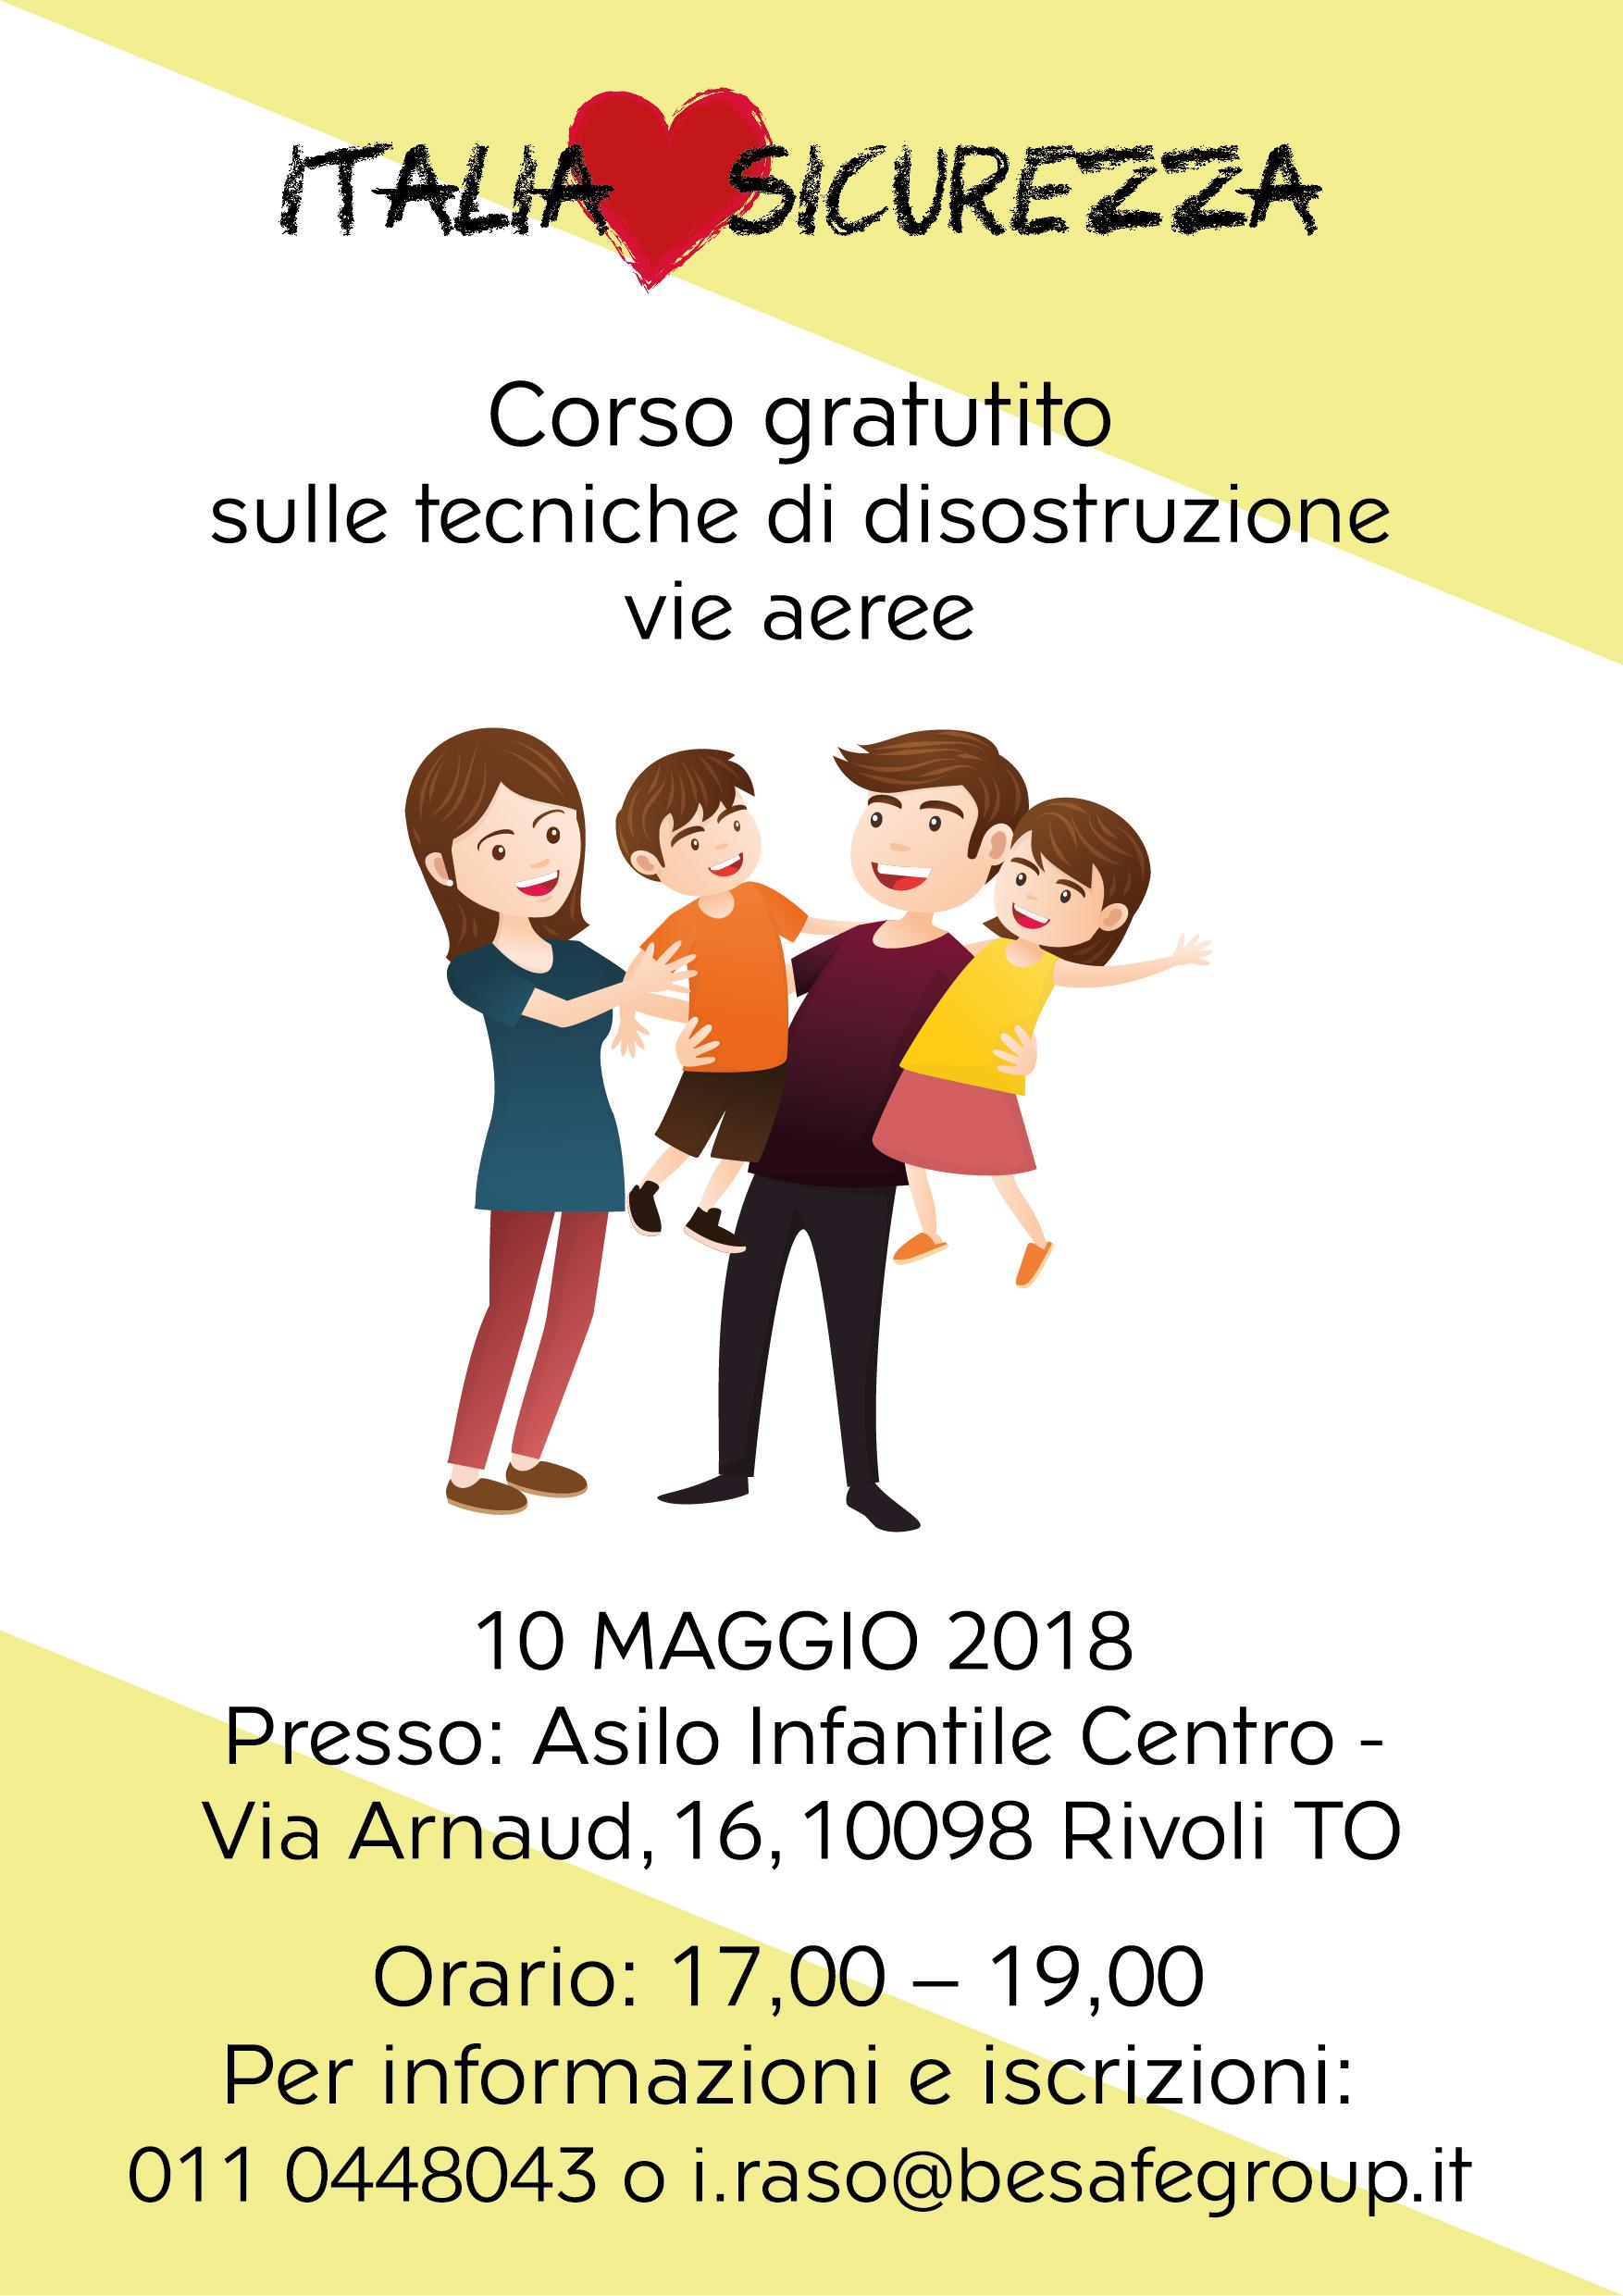 http://www.fondlhs.org/wp-content/uploads/2018/05/10maggio-Corso-ostruzione-via-aeree-01.jpg